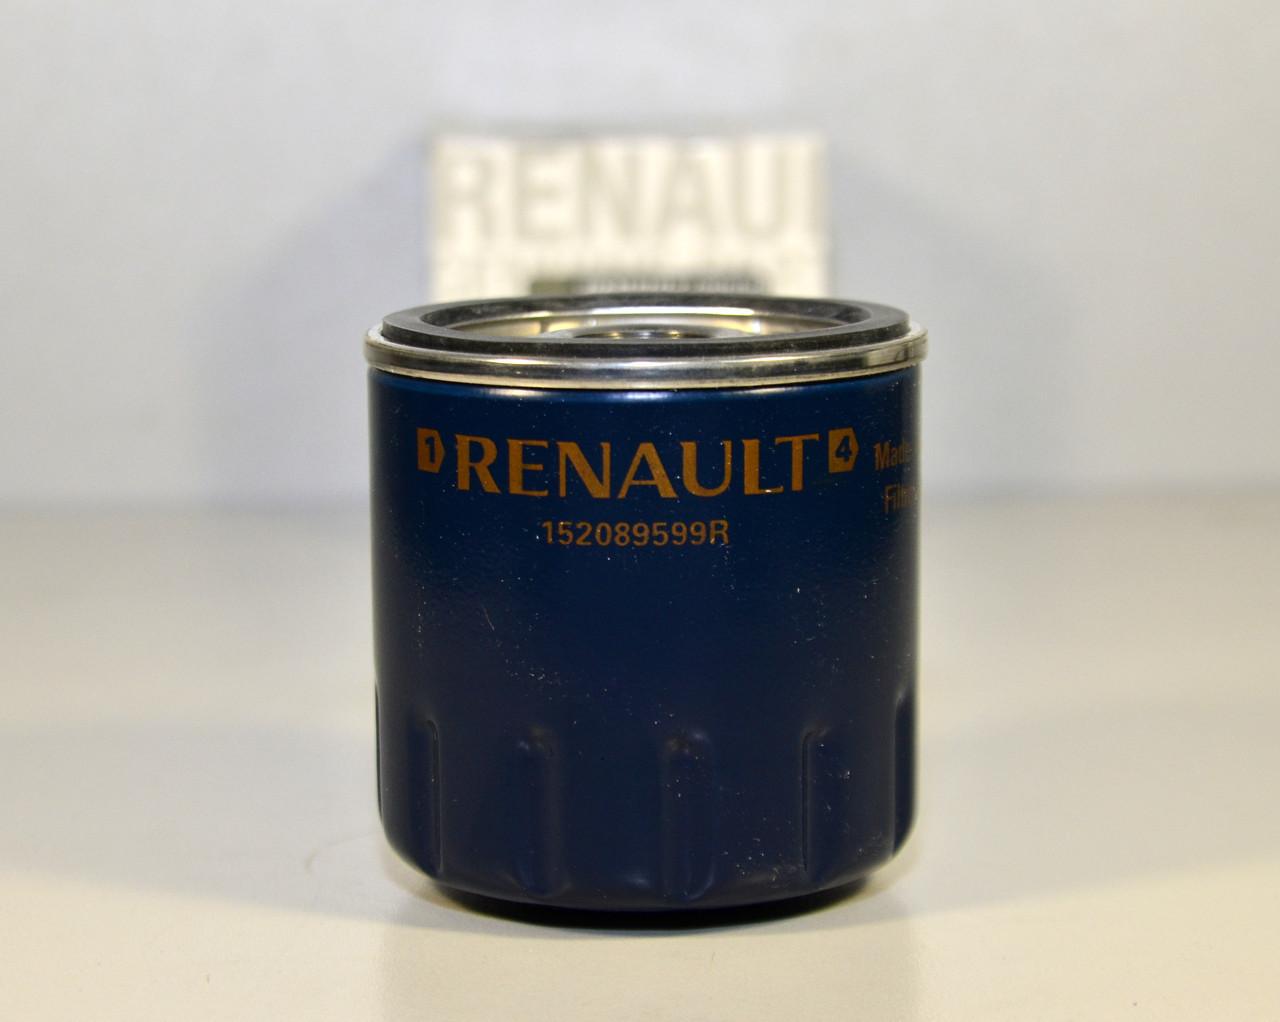 Фильтр масла на Renault Logan II - Renault (Оригинал) - 152089599R